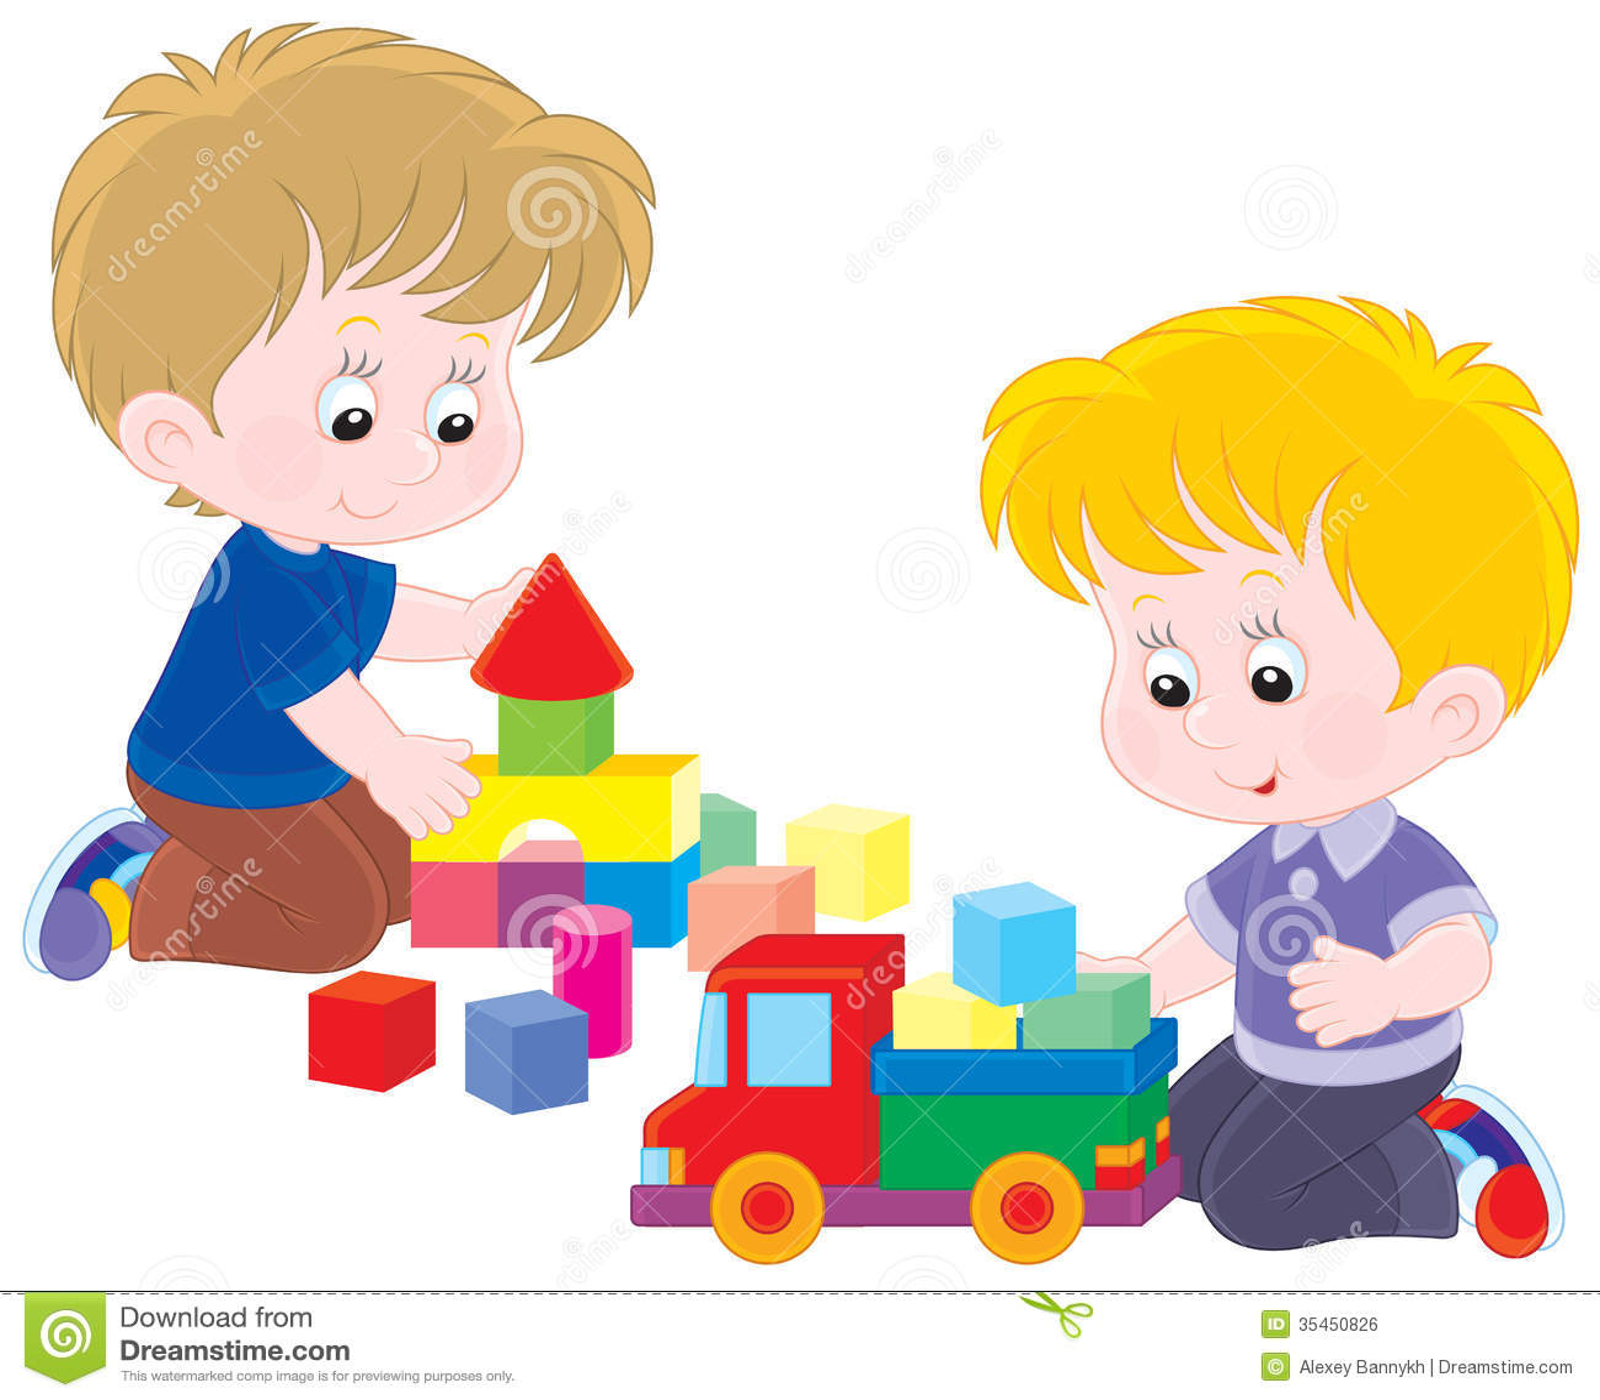 Big Lego Bricks Game Royalty Free Stock Image Image 35450826